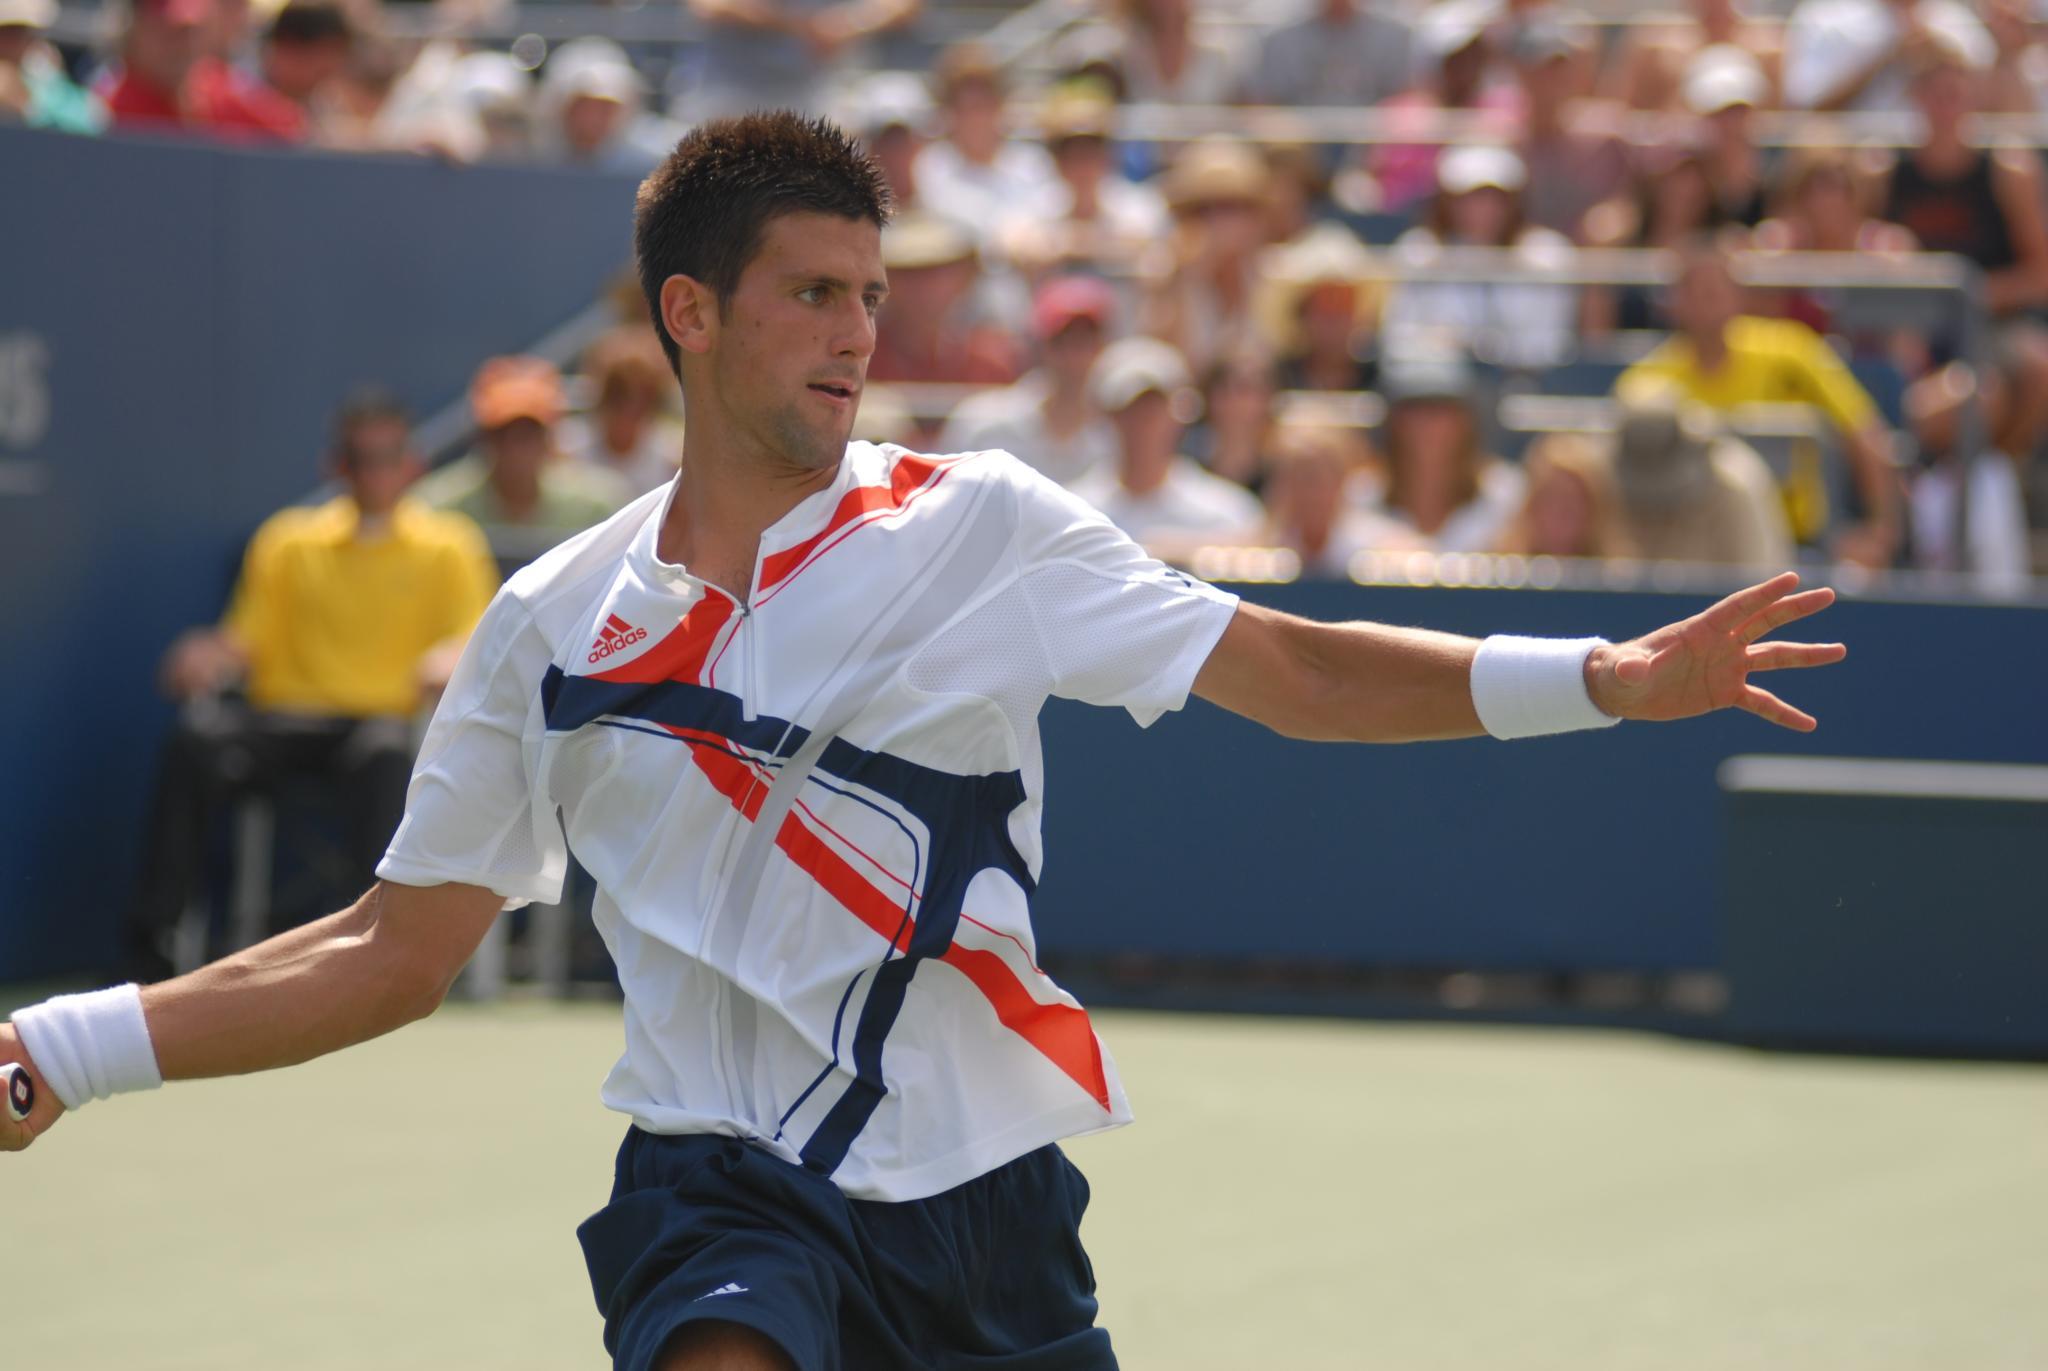 Novak Djokovic: biografia e curiosità del campione di tennis